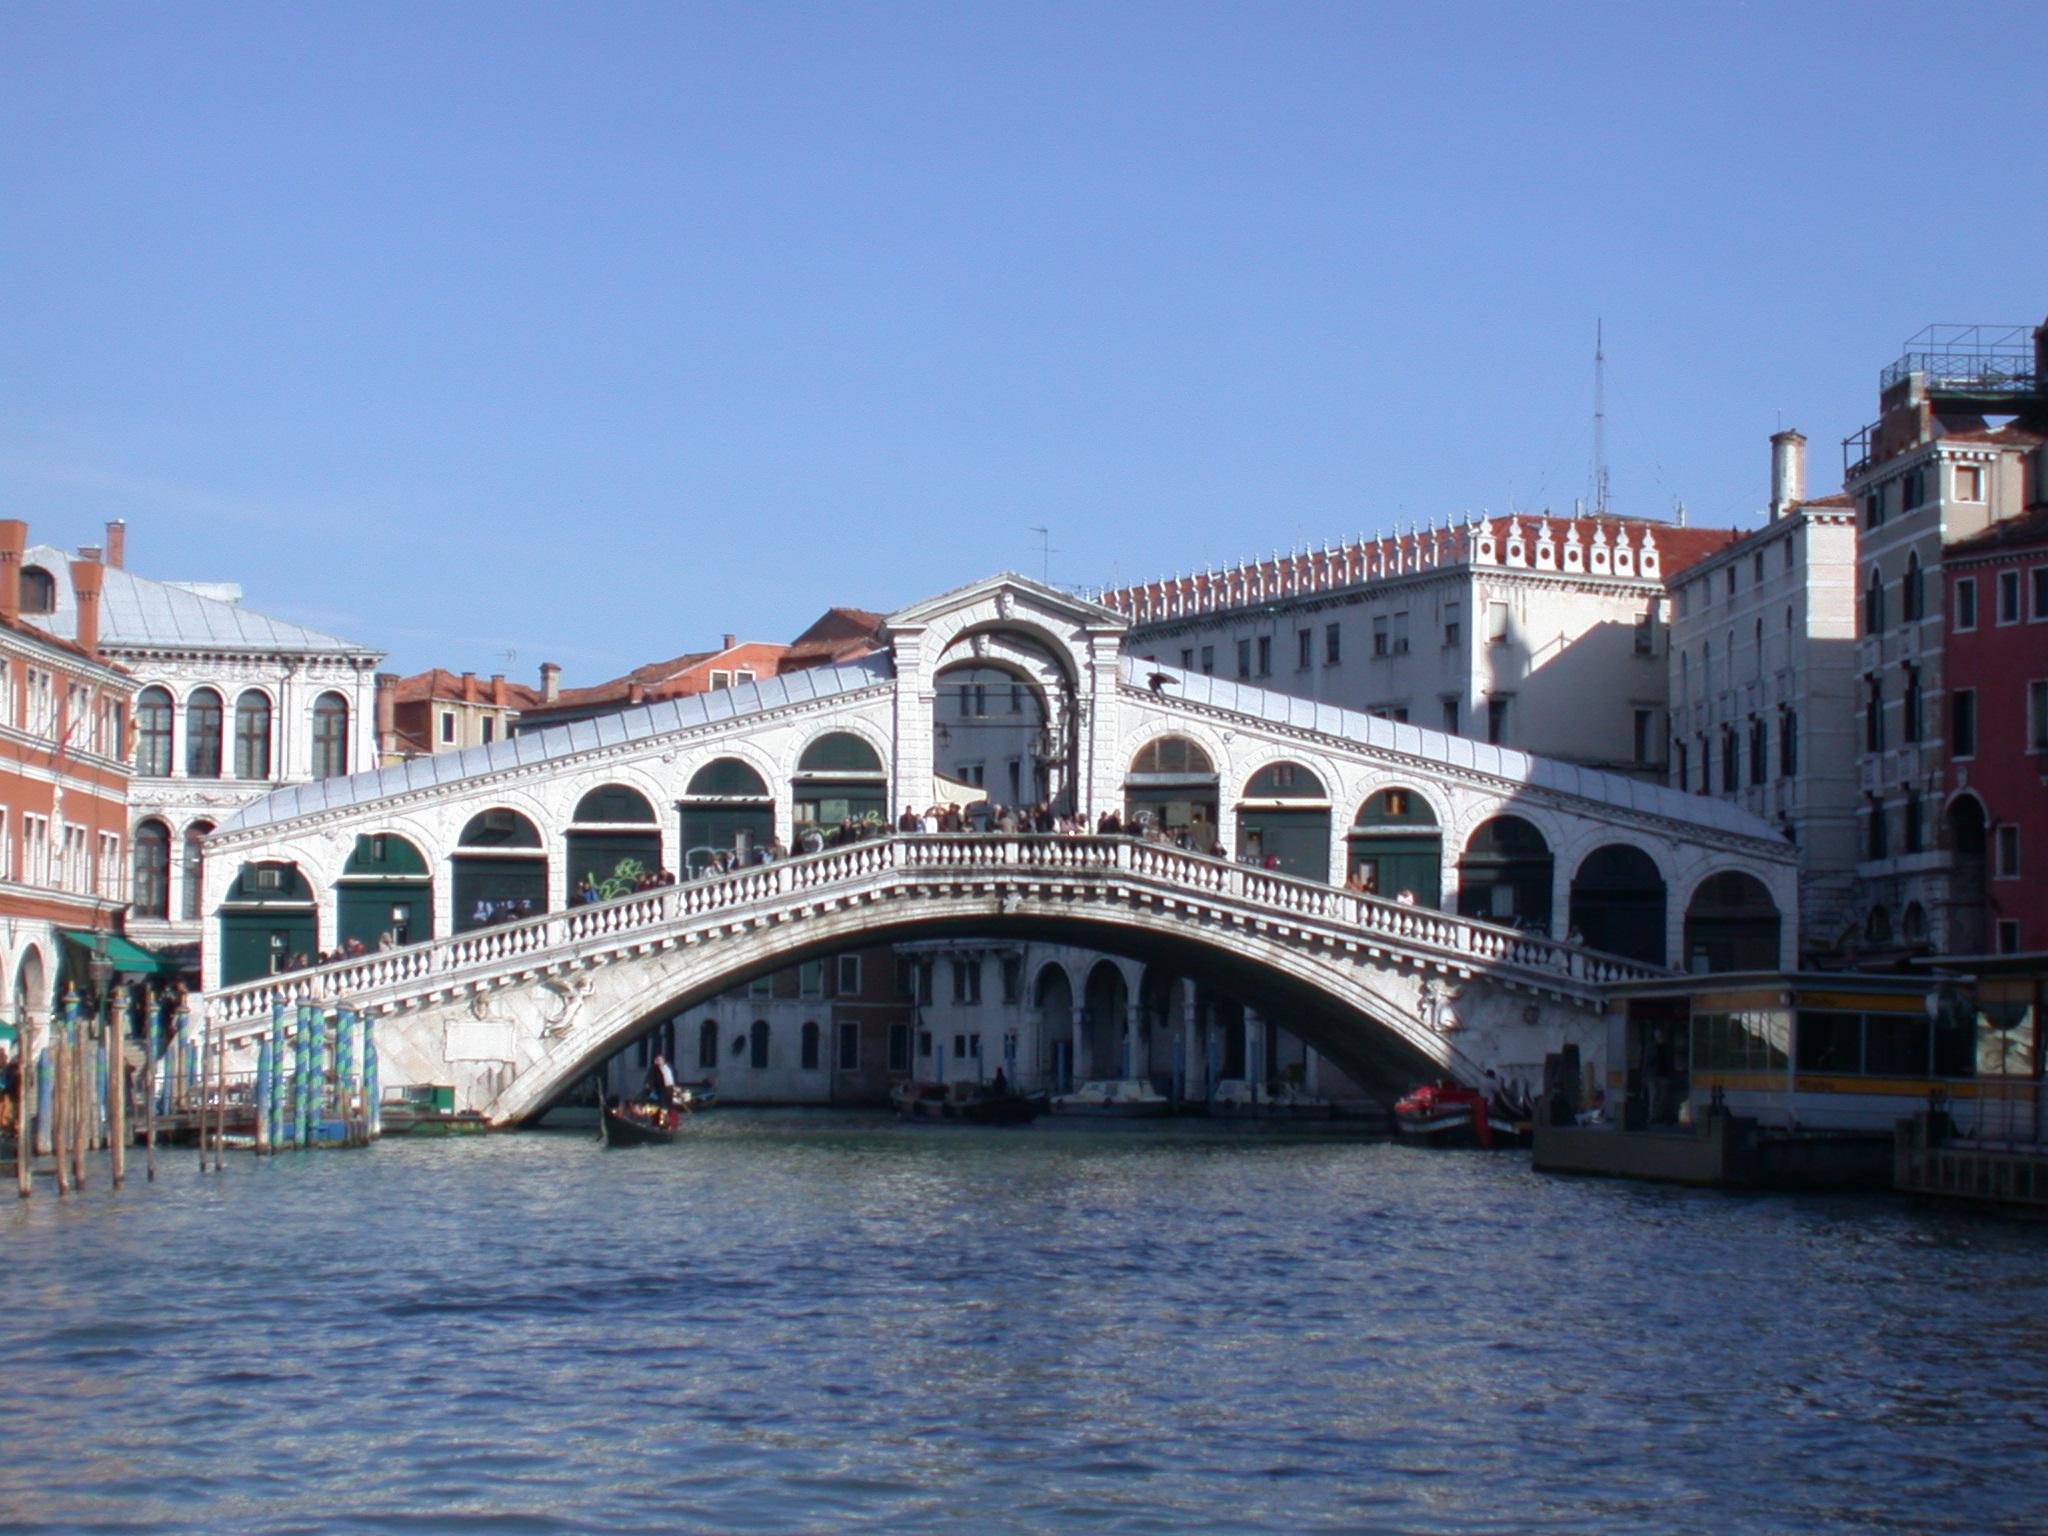 Cosa Vedere A Murano.Cosa Vedere A Venezia In 2 Giorni Tutte Le Tappe Passo Passo